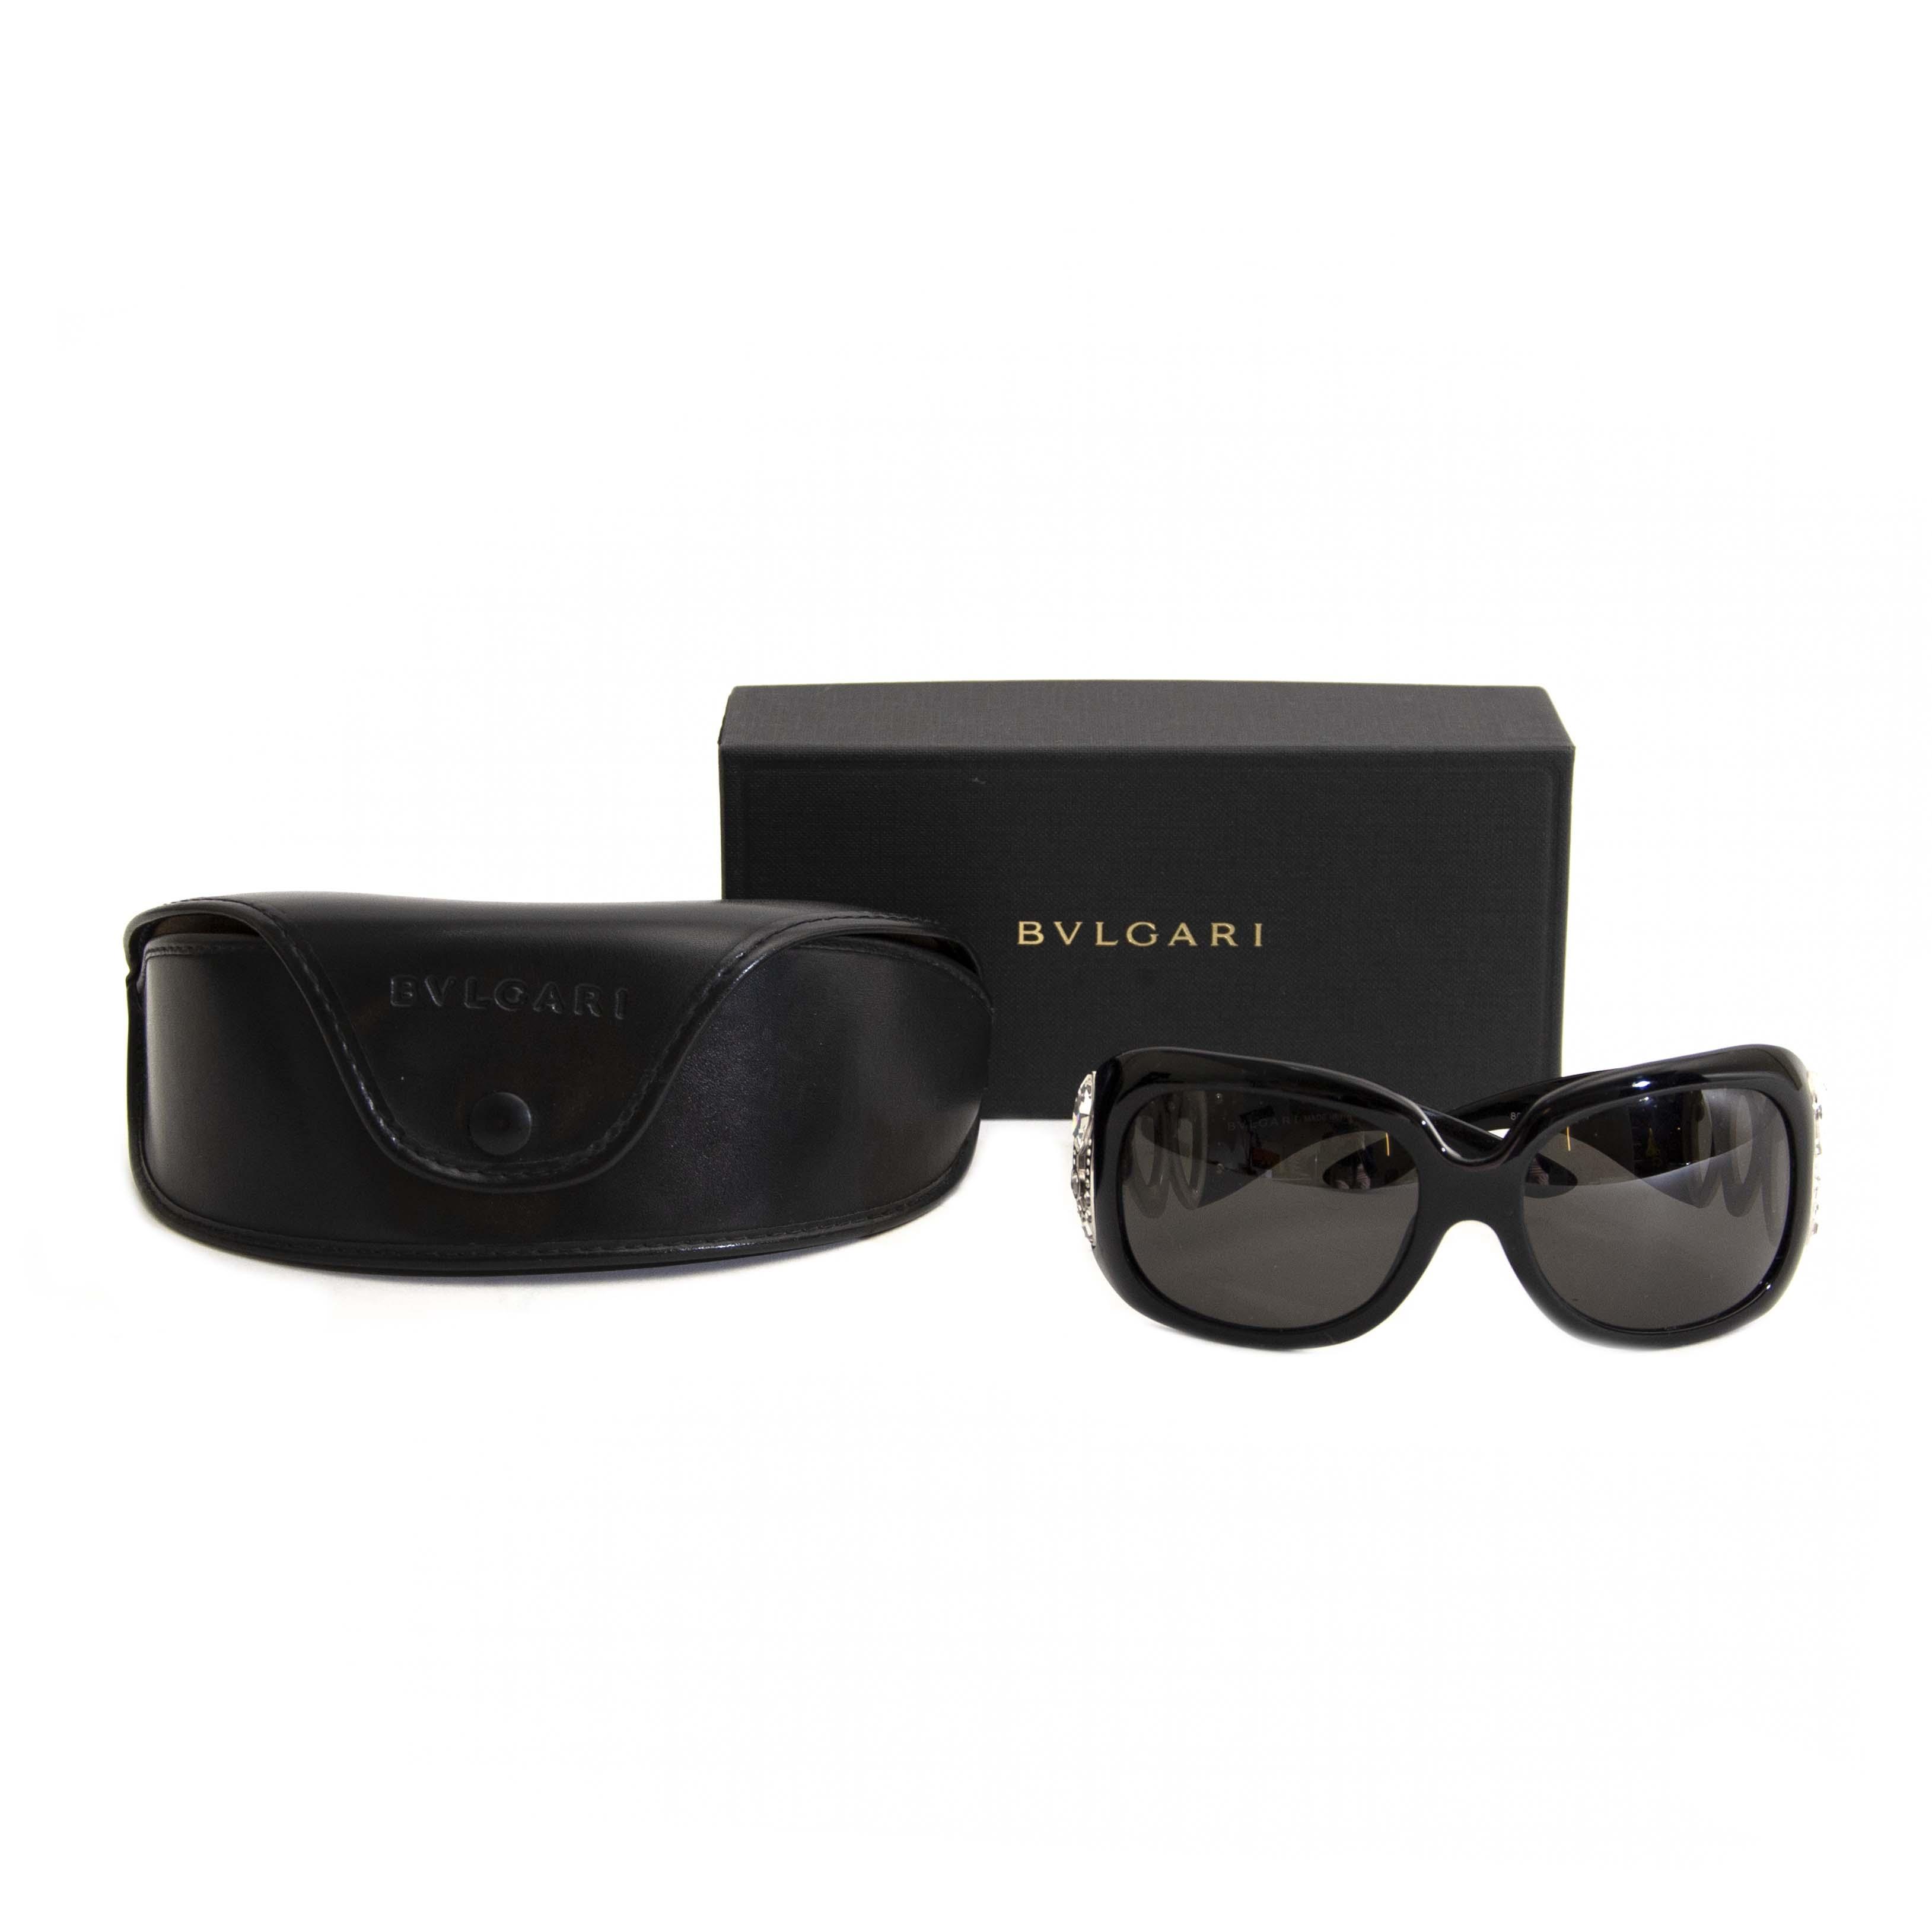 op zoek naar een zwarte Bulgari zonnebril? Nu te koop bij labellov.com